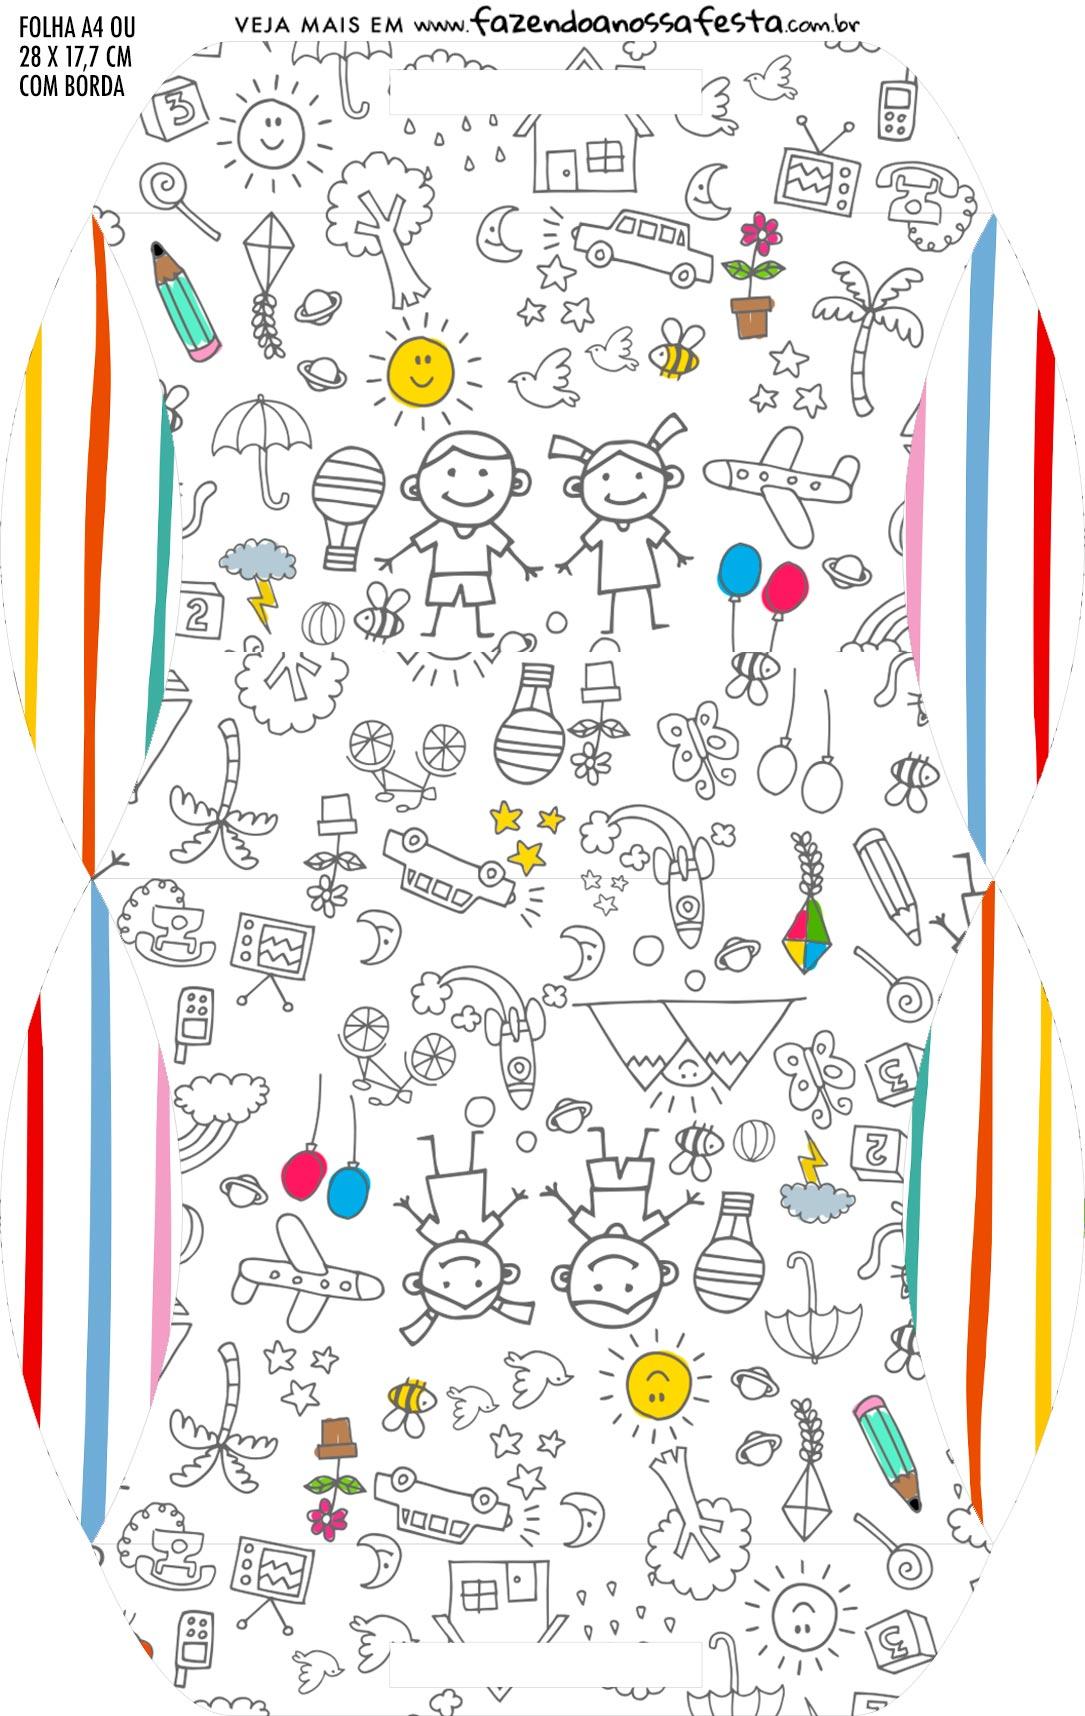 Caixa Almofada bolsinha Kit Dia das Criancas para colorir